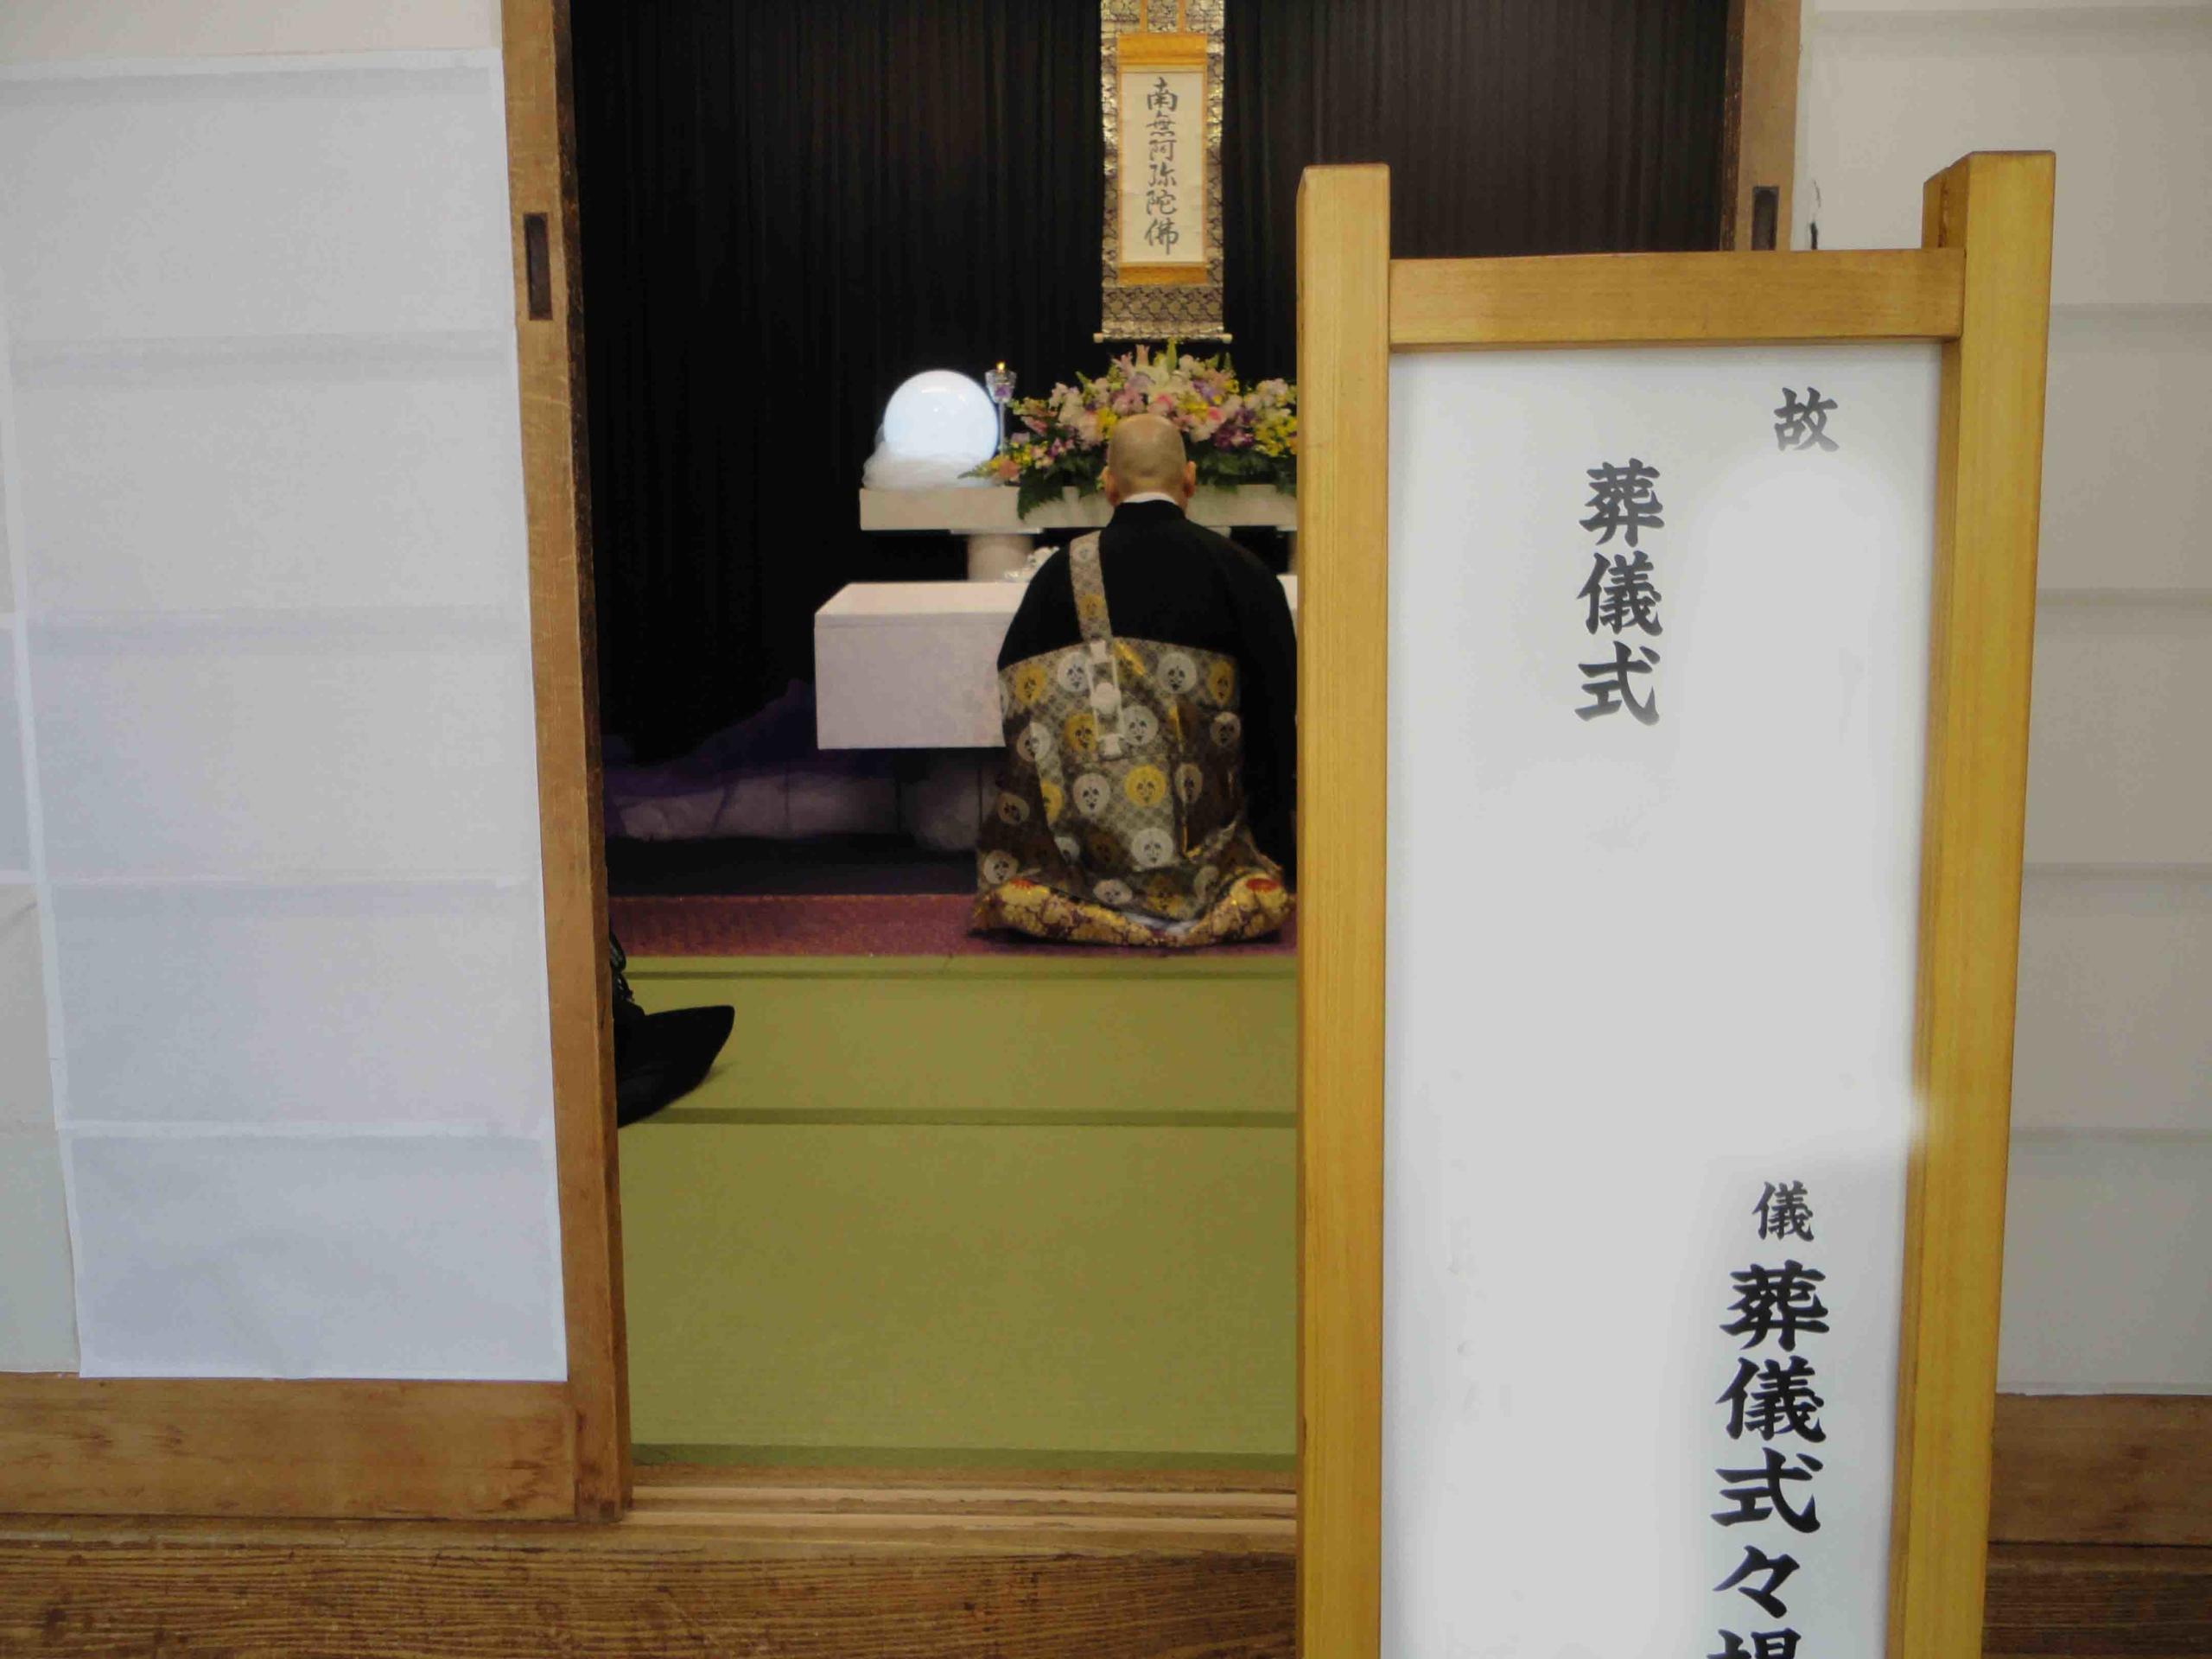 寺院読経付きの阿倍野区の生活保護葬儀